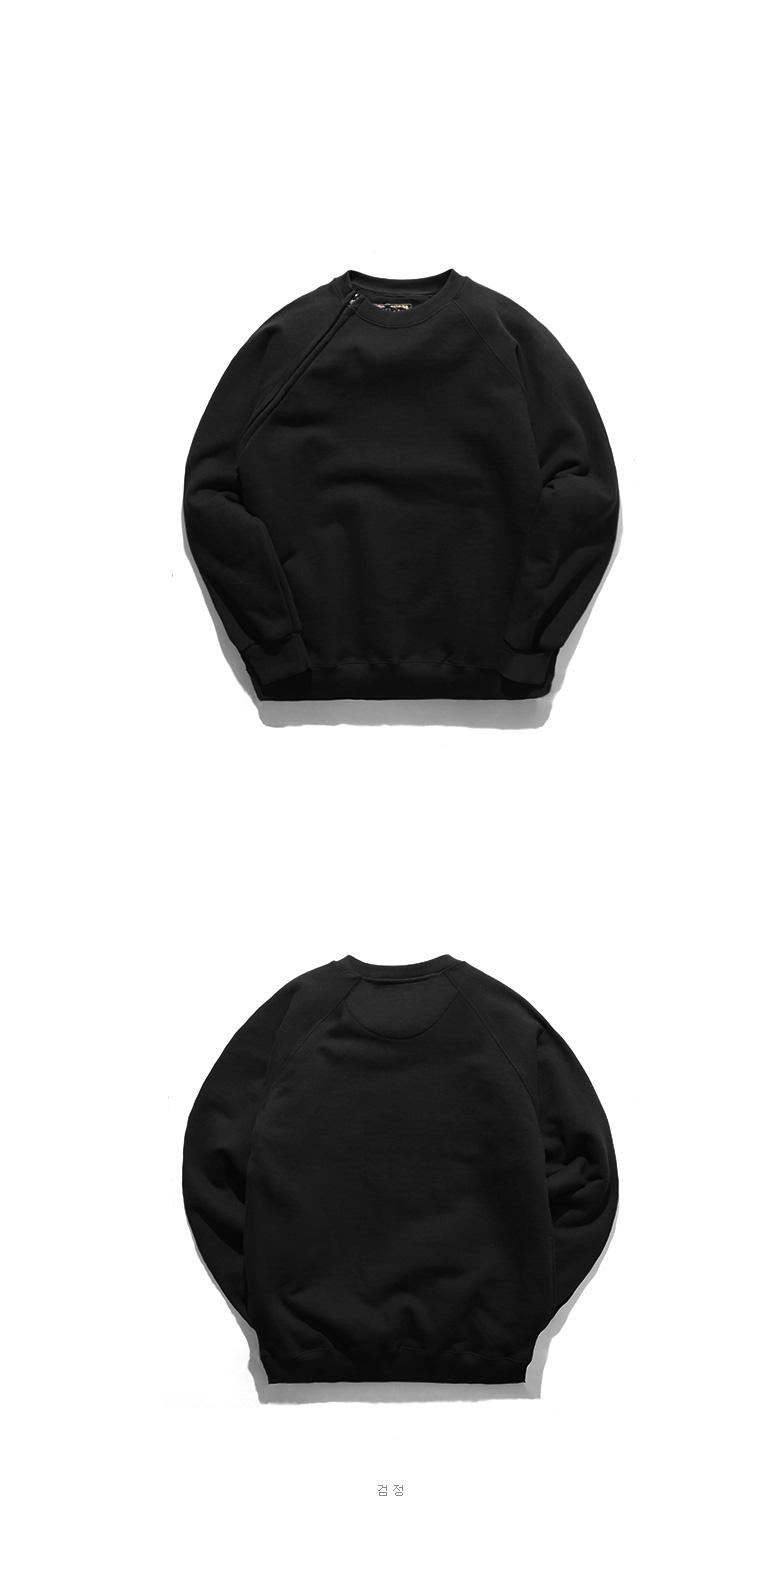 20170830_necksliced_black_uk_01.jpg